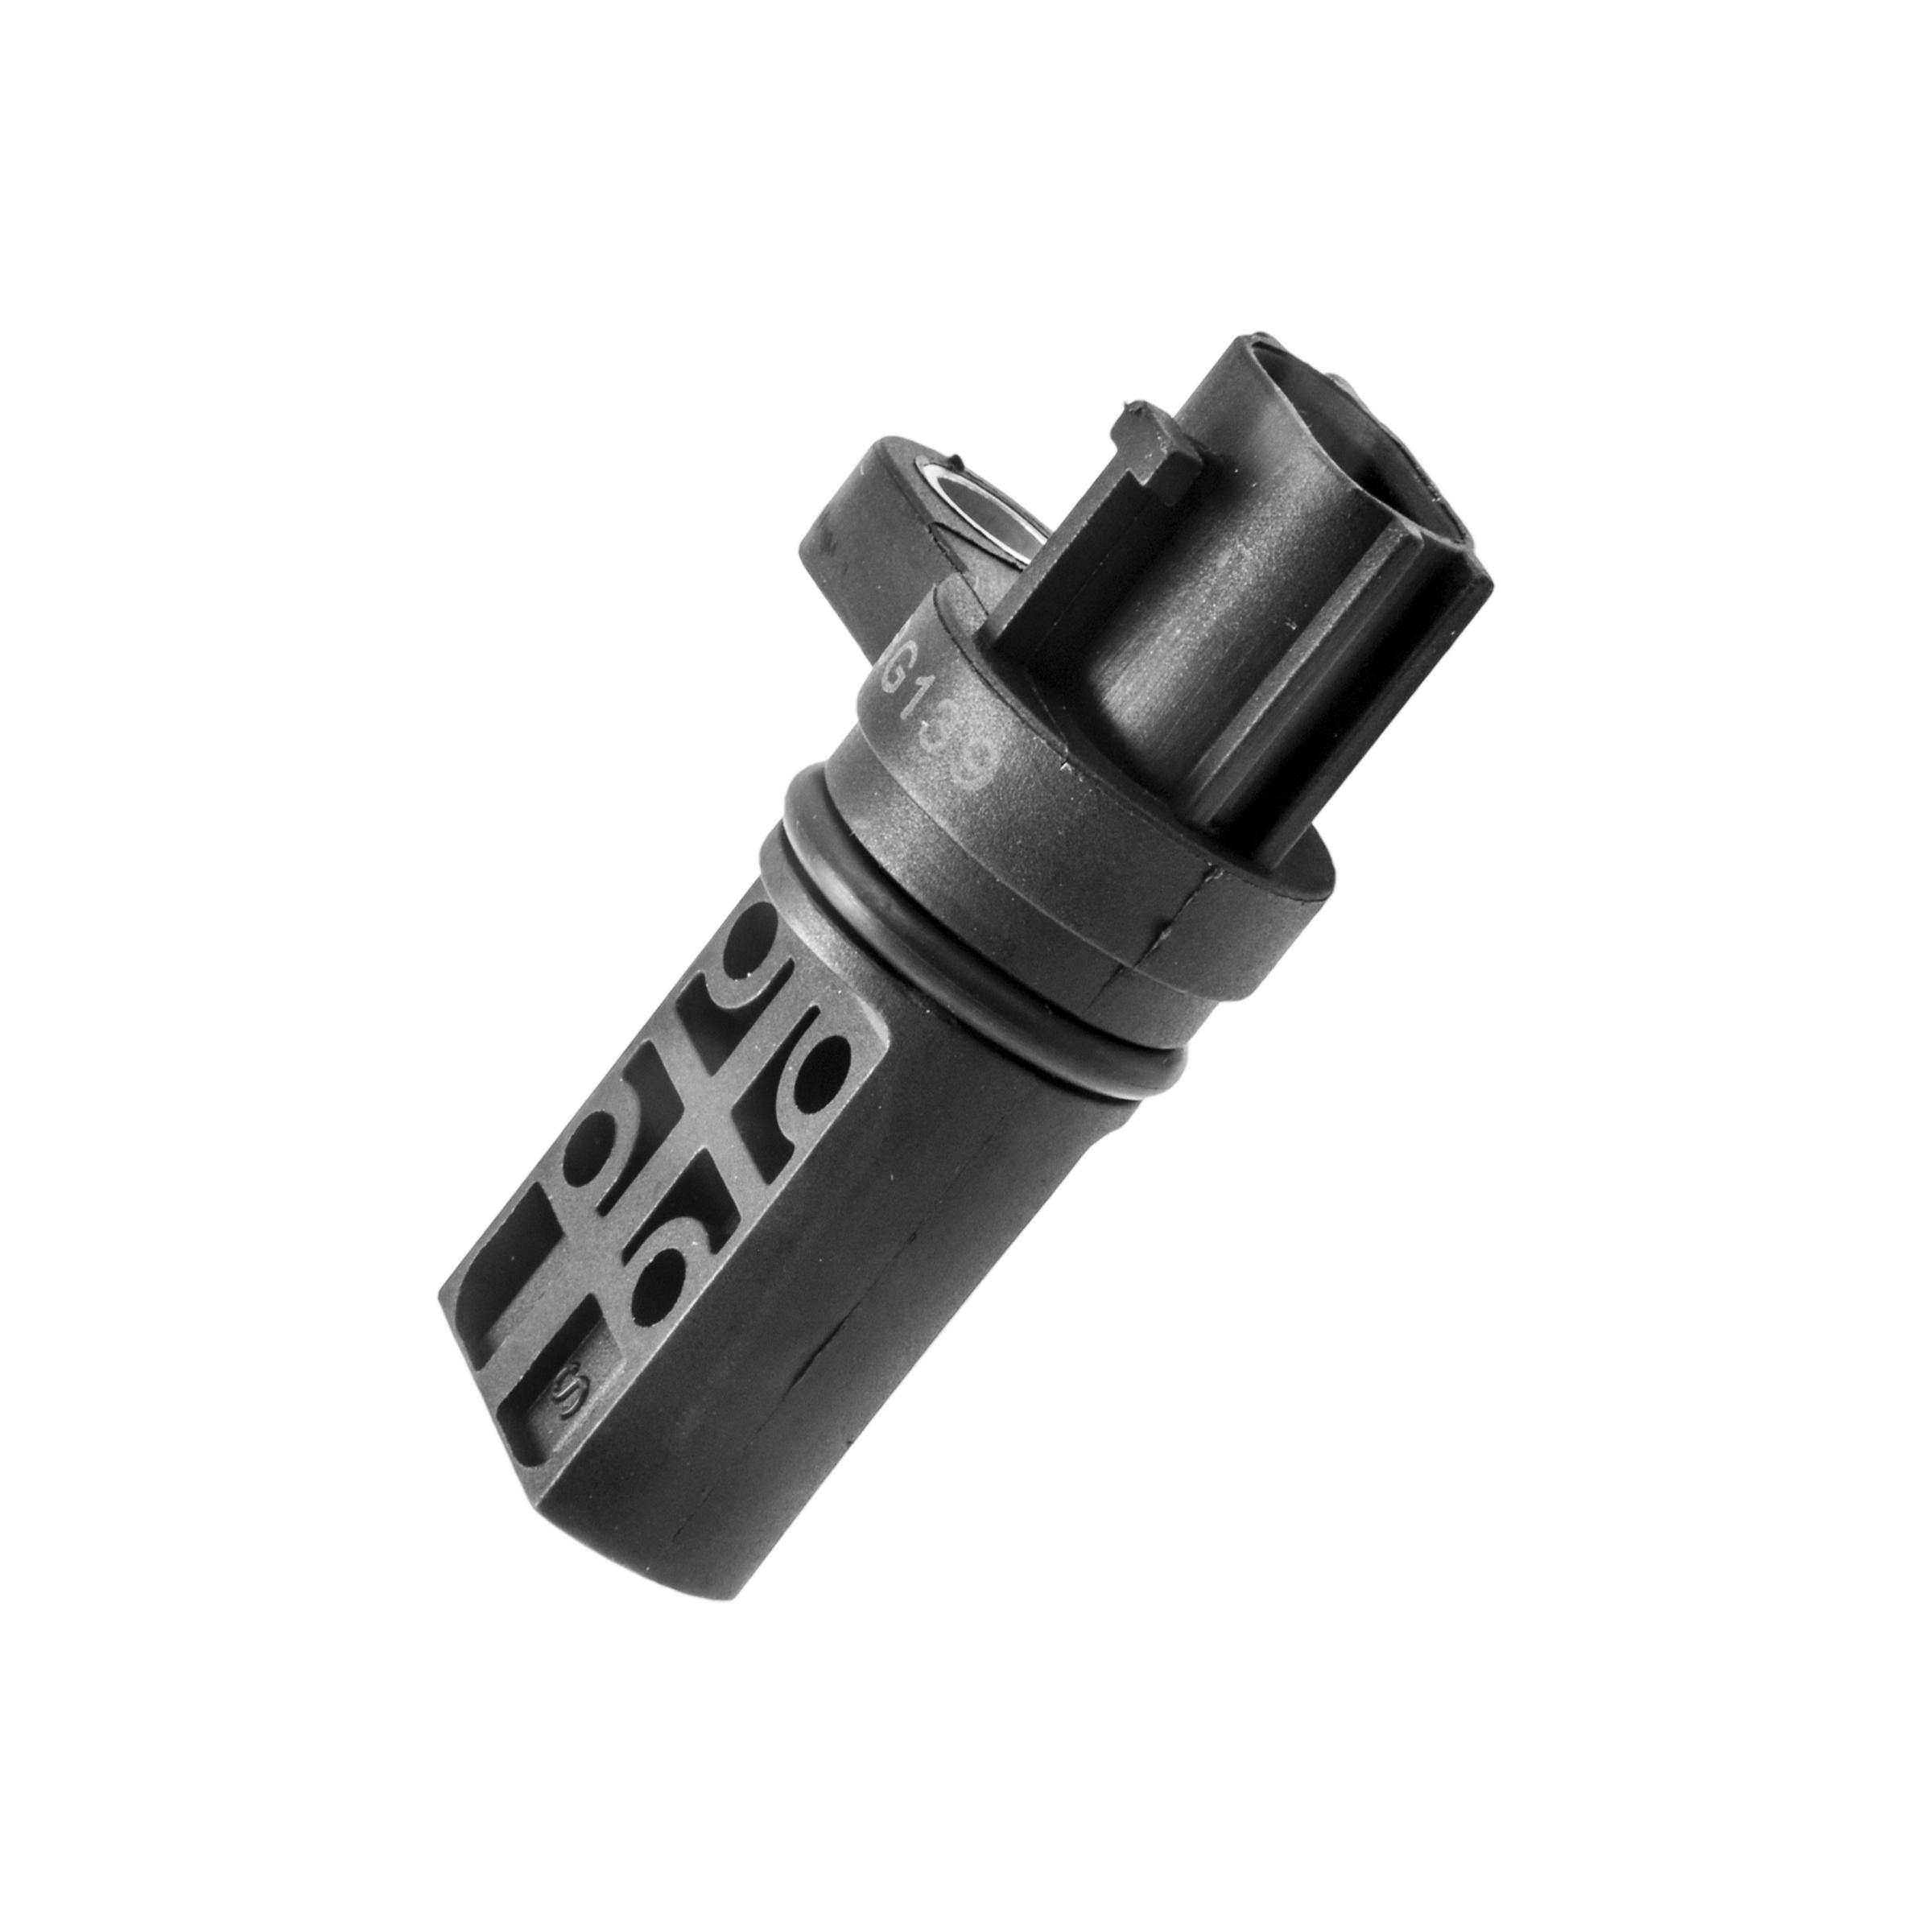 Replacement for DELPHI SS10818 Premium Compatible Cam Shaft Position Sensor CPS for Nissan Infiniti 3.5L 4.0L 1.8L